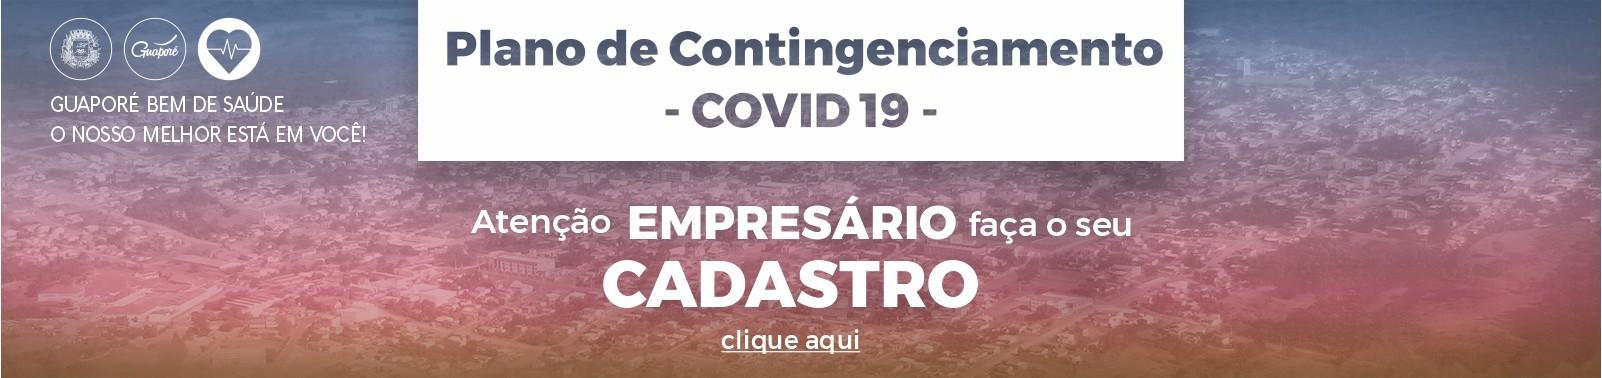 Banner 1 - Plano Contingenciamento - Cadastro